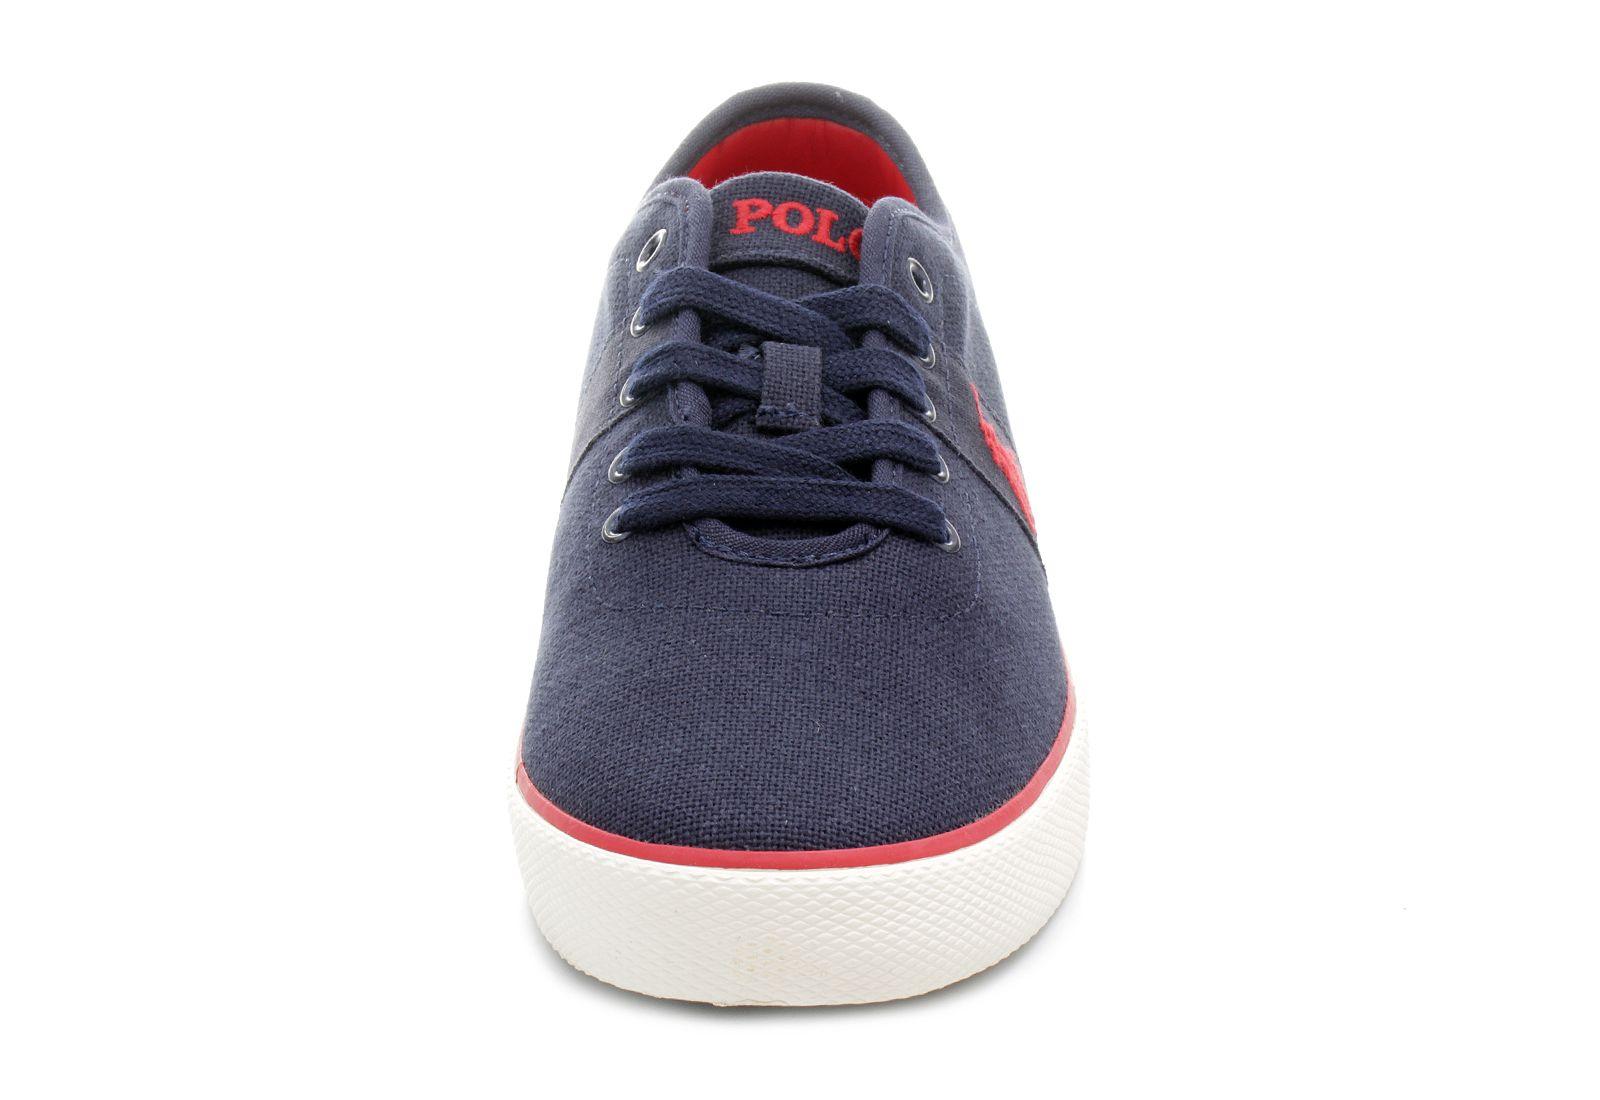 29d5cd37f9 Polo Ralph Lauren Cipő - Halford-ne - 816641861002 - Office Shoes ...